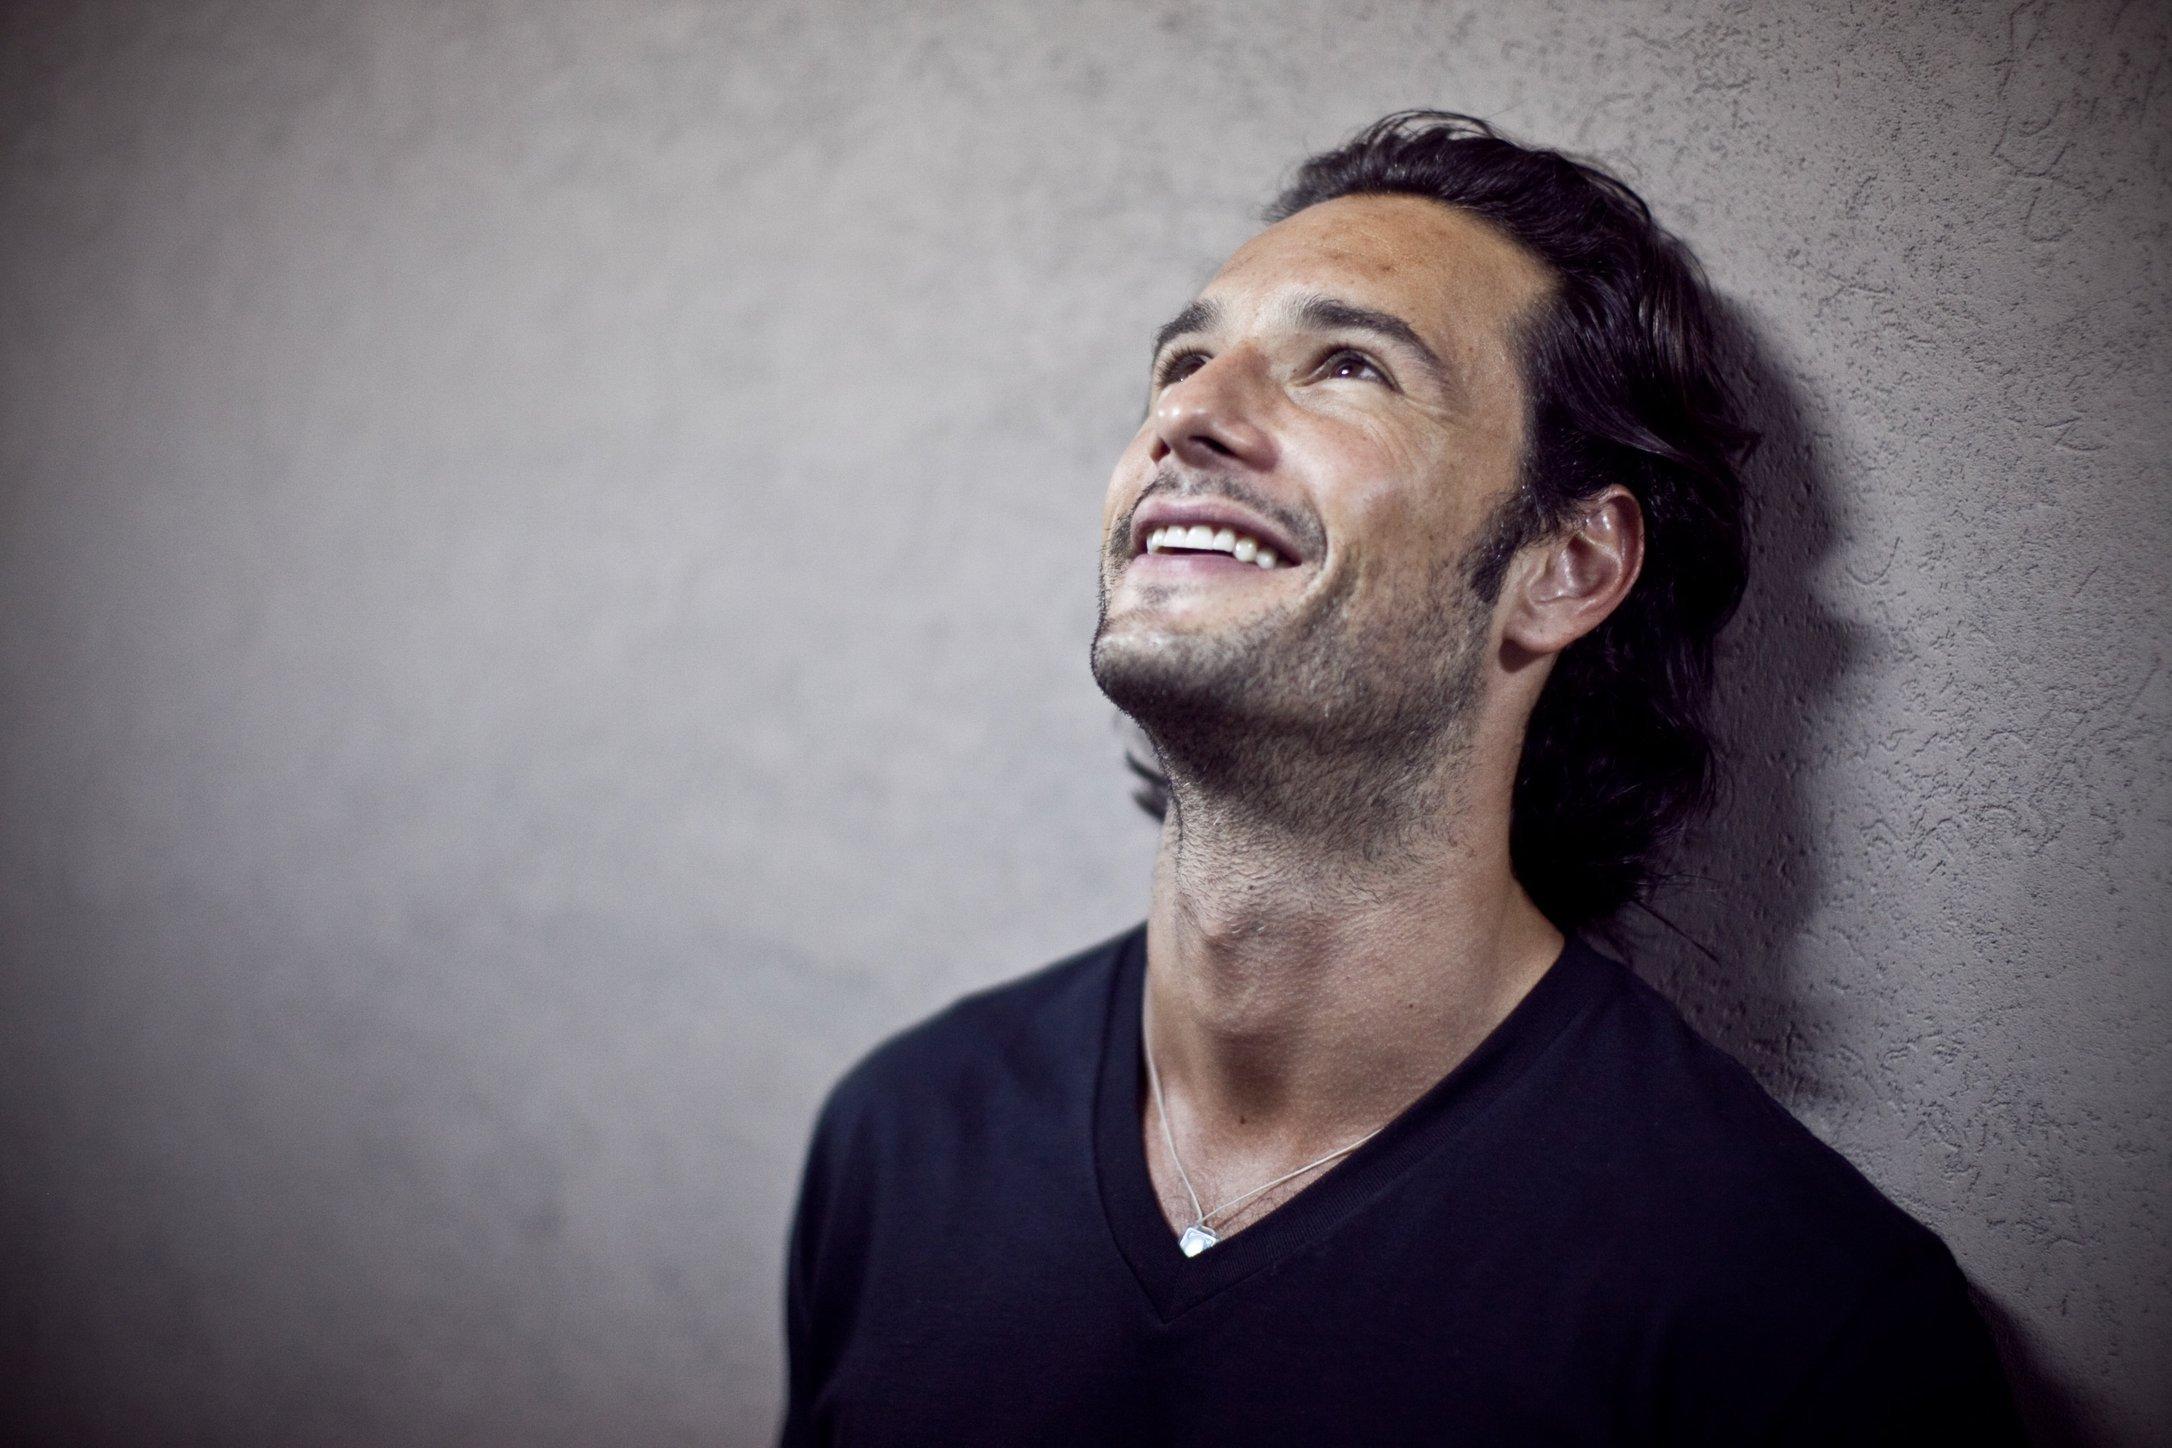 rodrigo santoro, actor